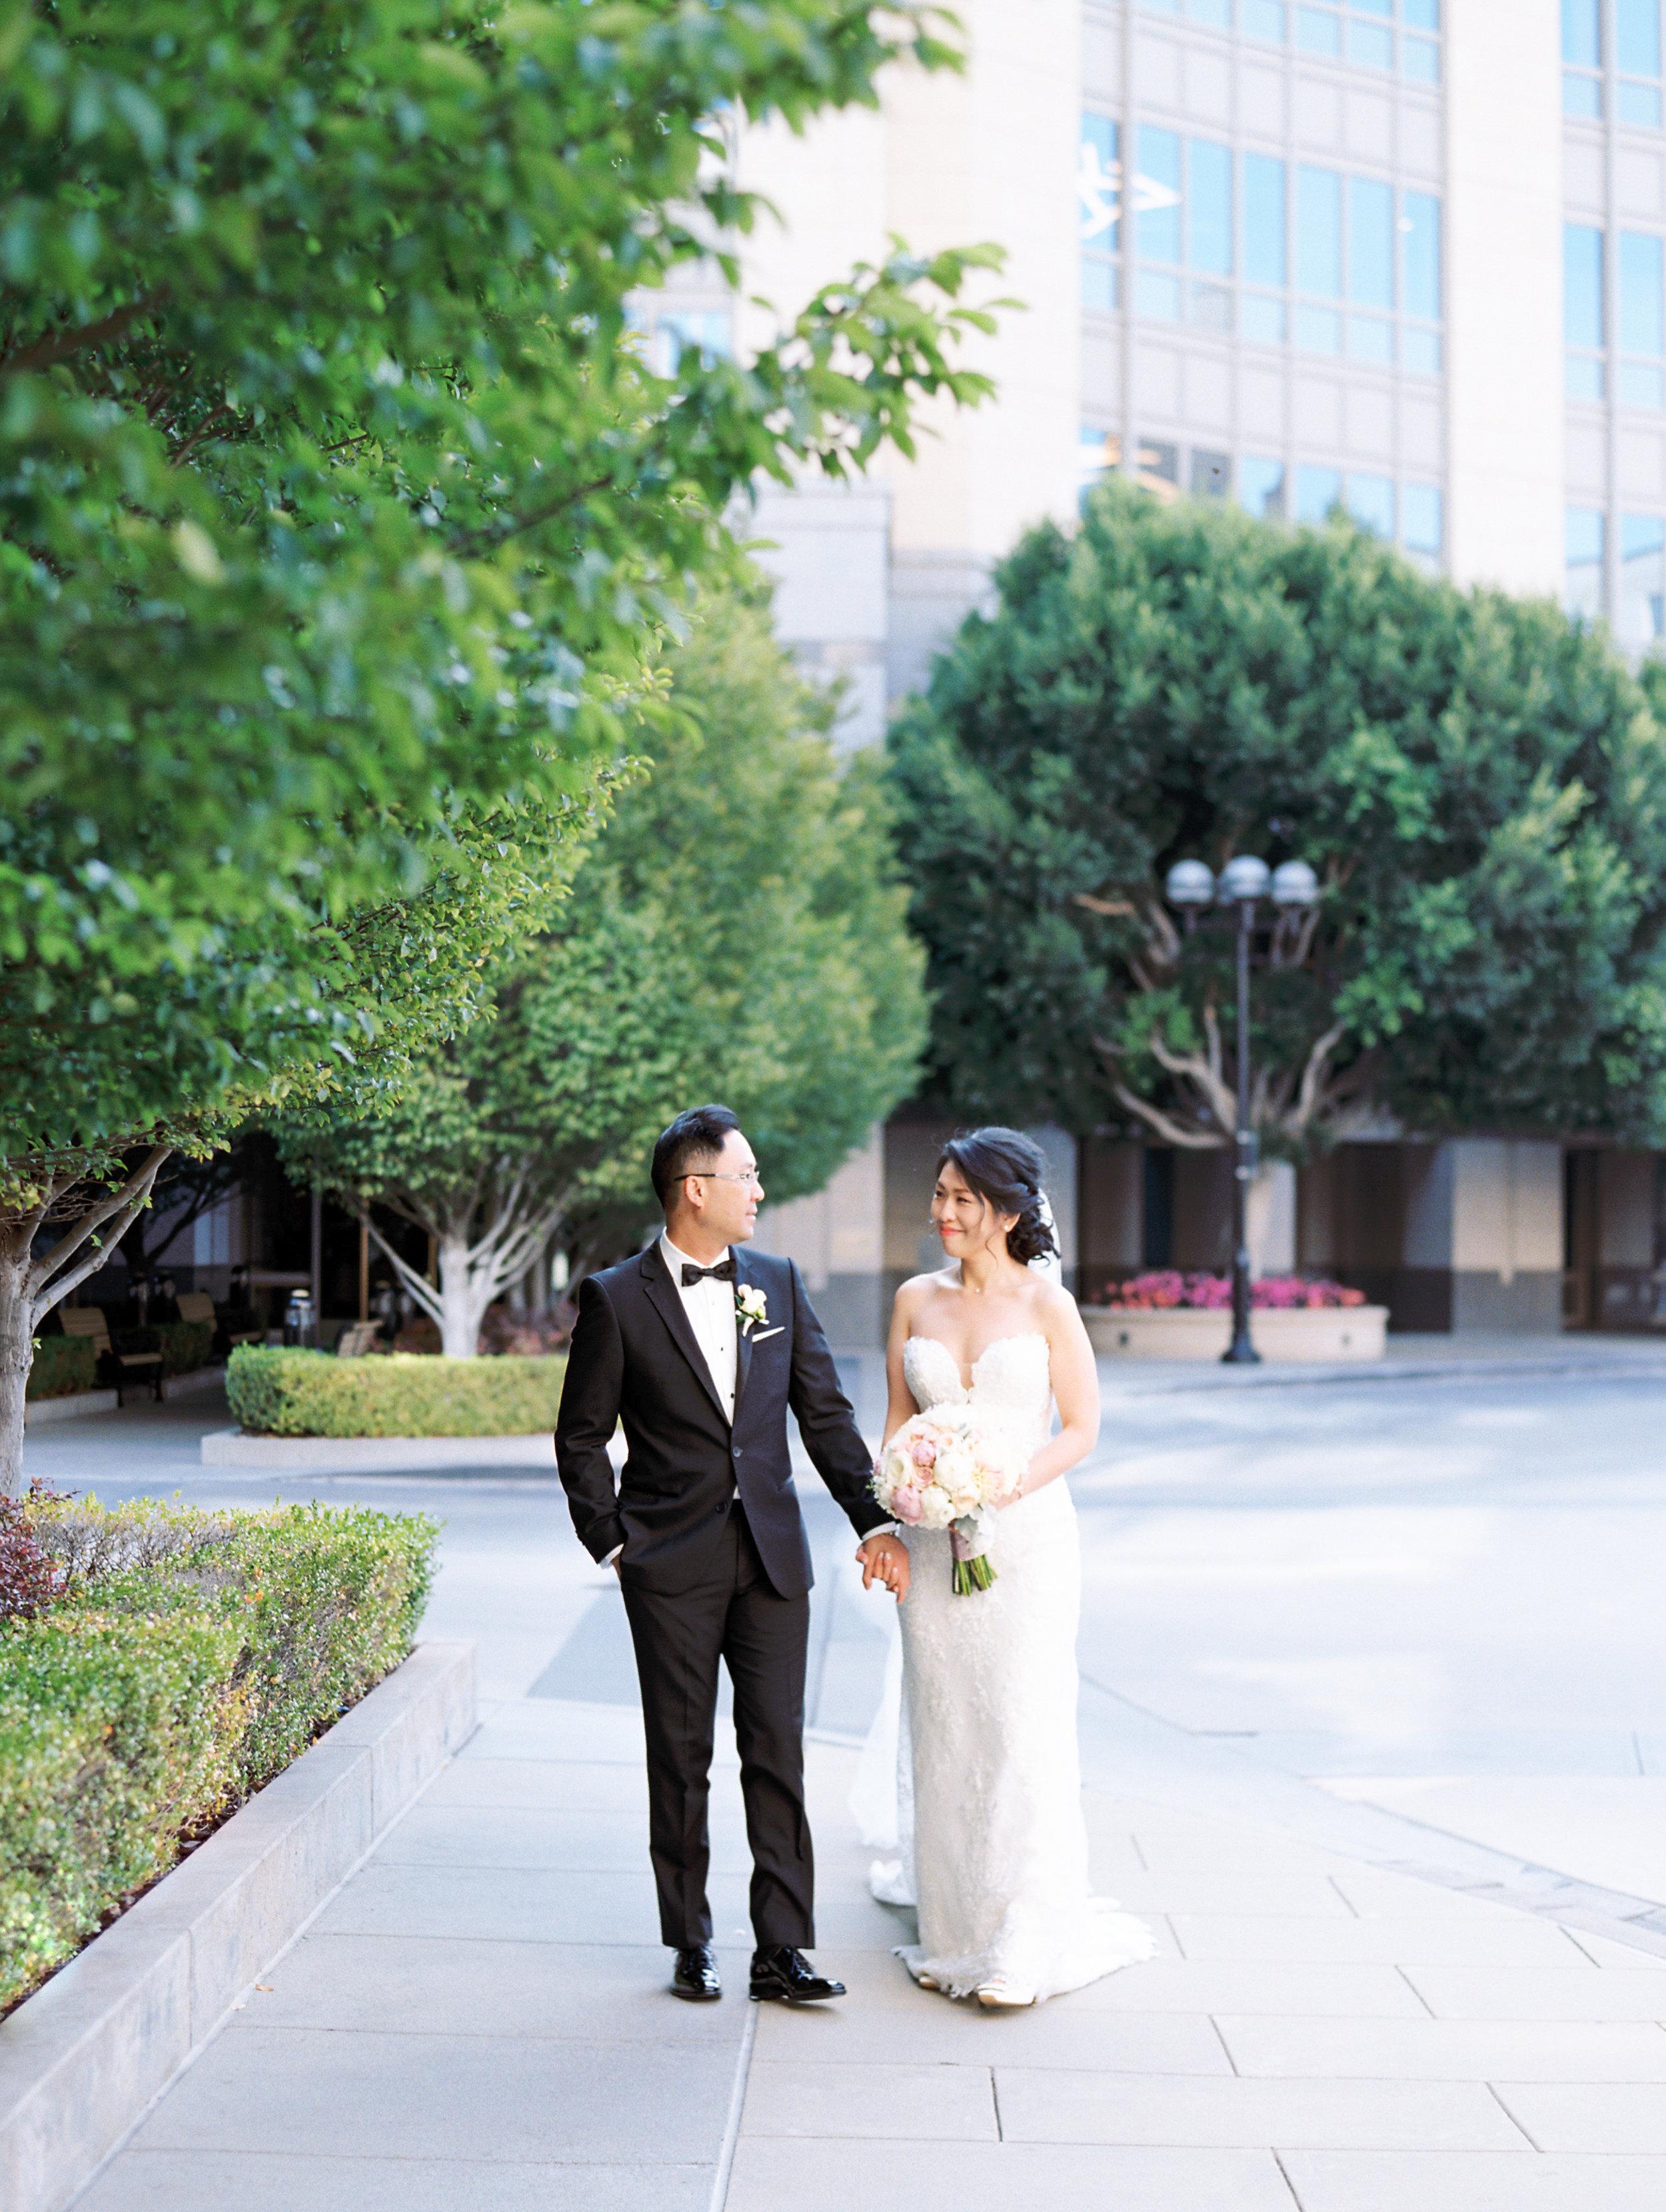 kelsandmichael_wedding_darren&joanne-14.jpg